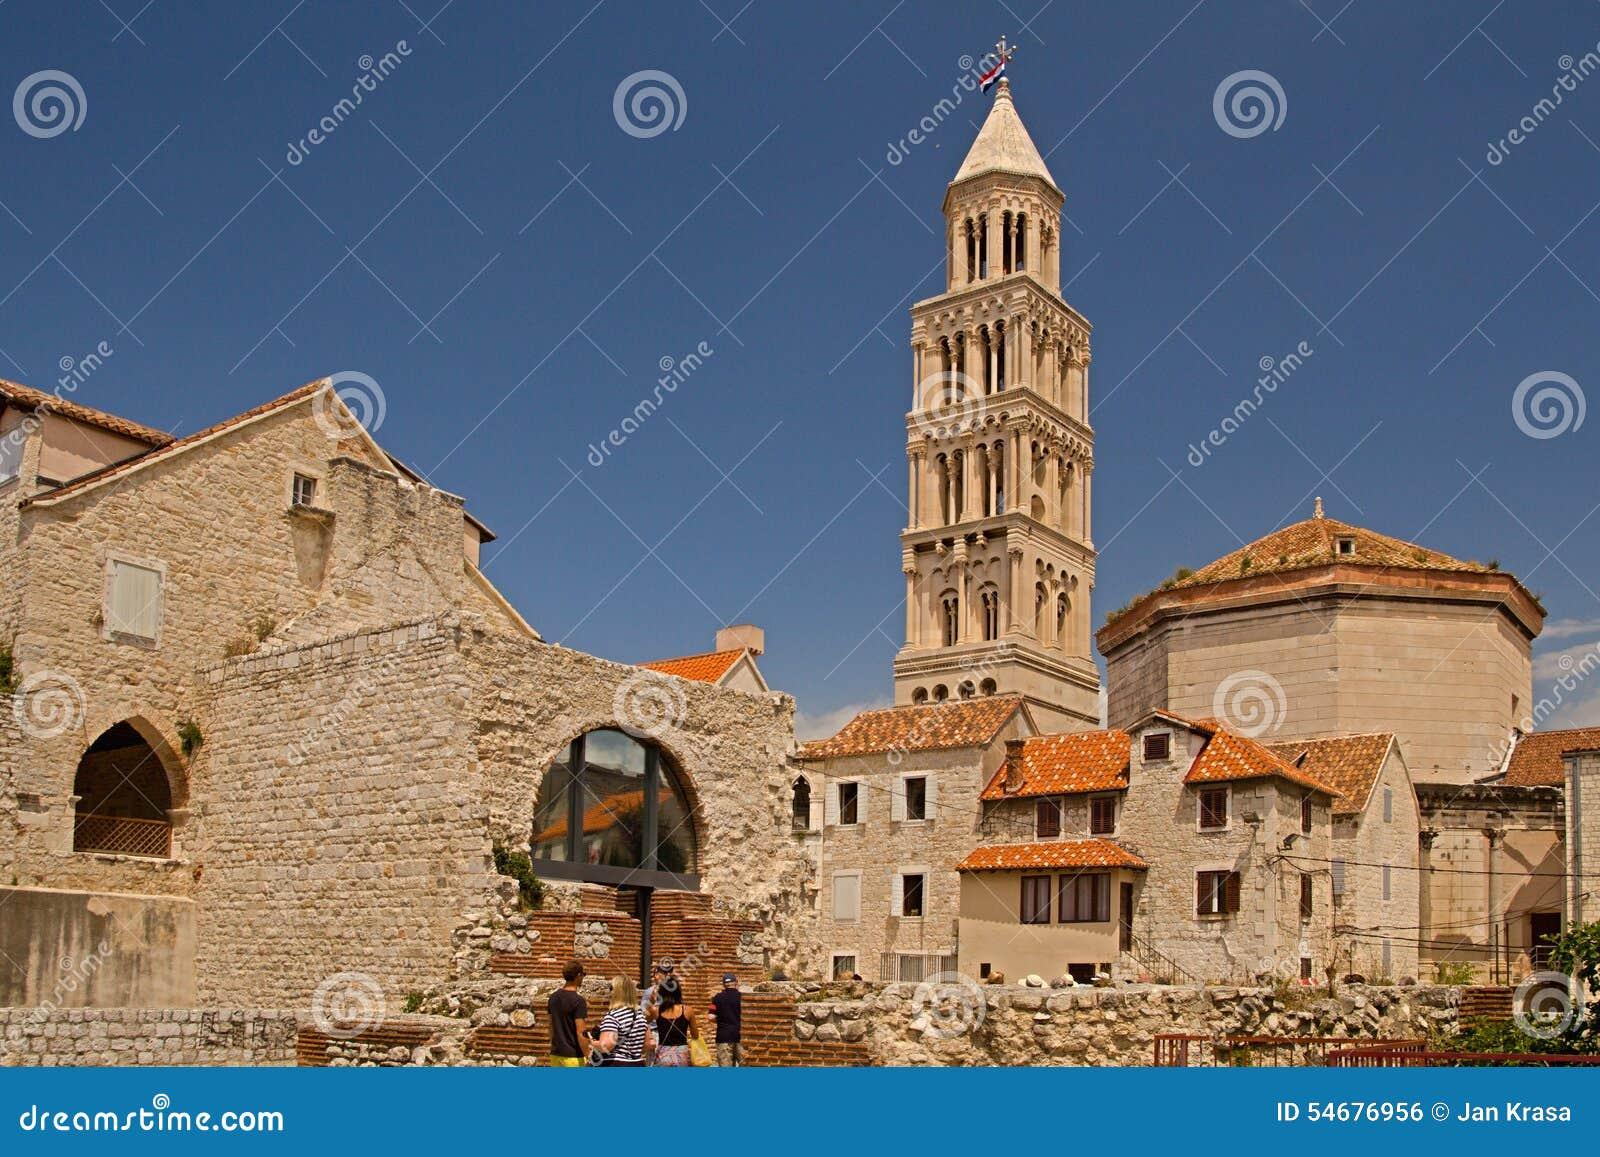 Разделение - дворец императора Diocletian - башня с часами